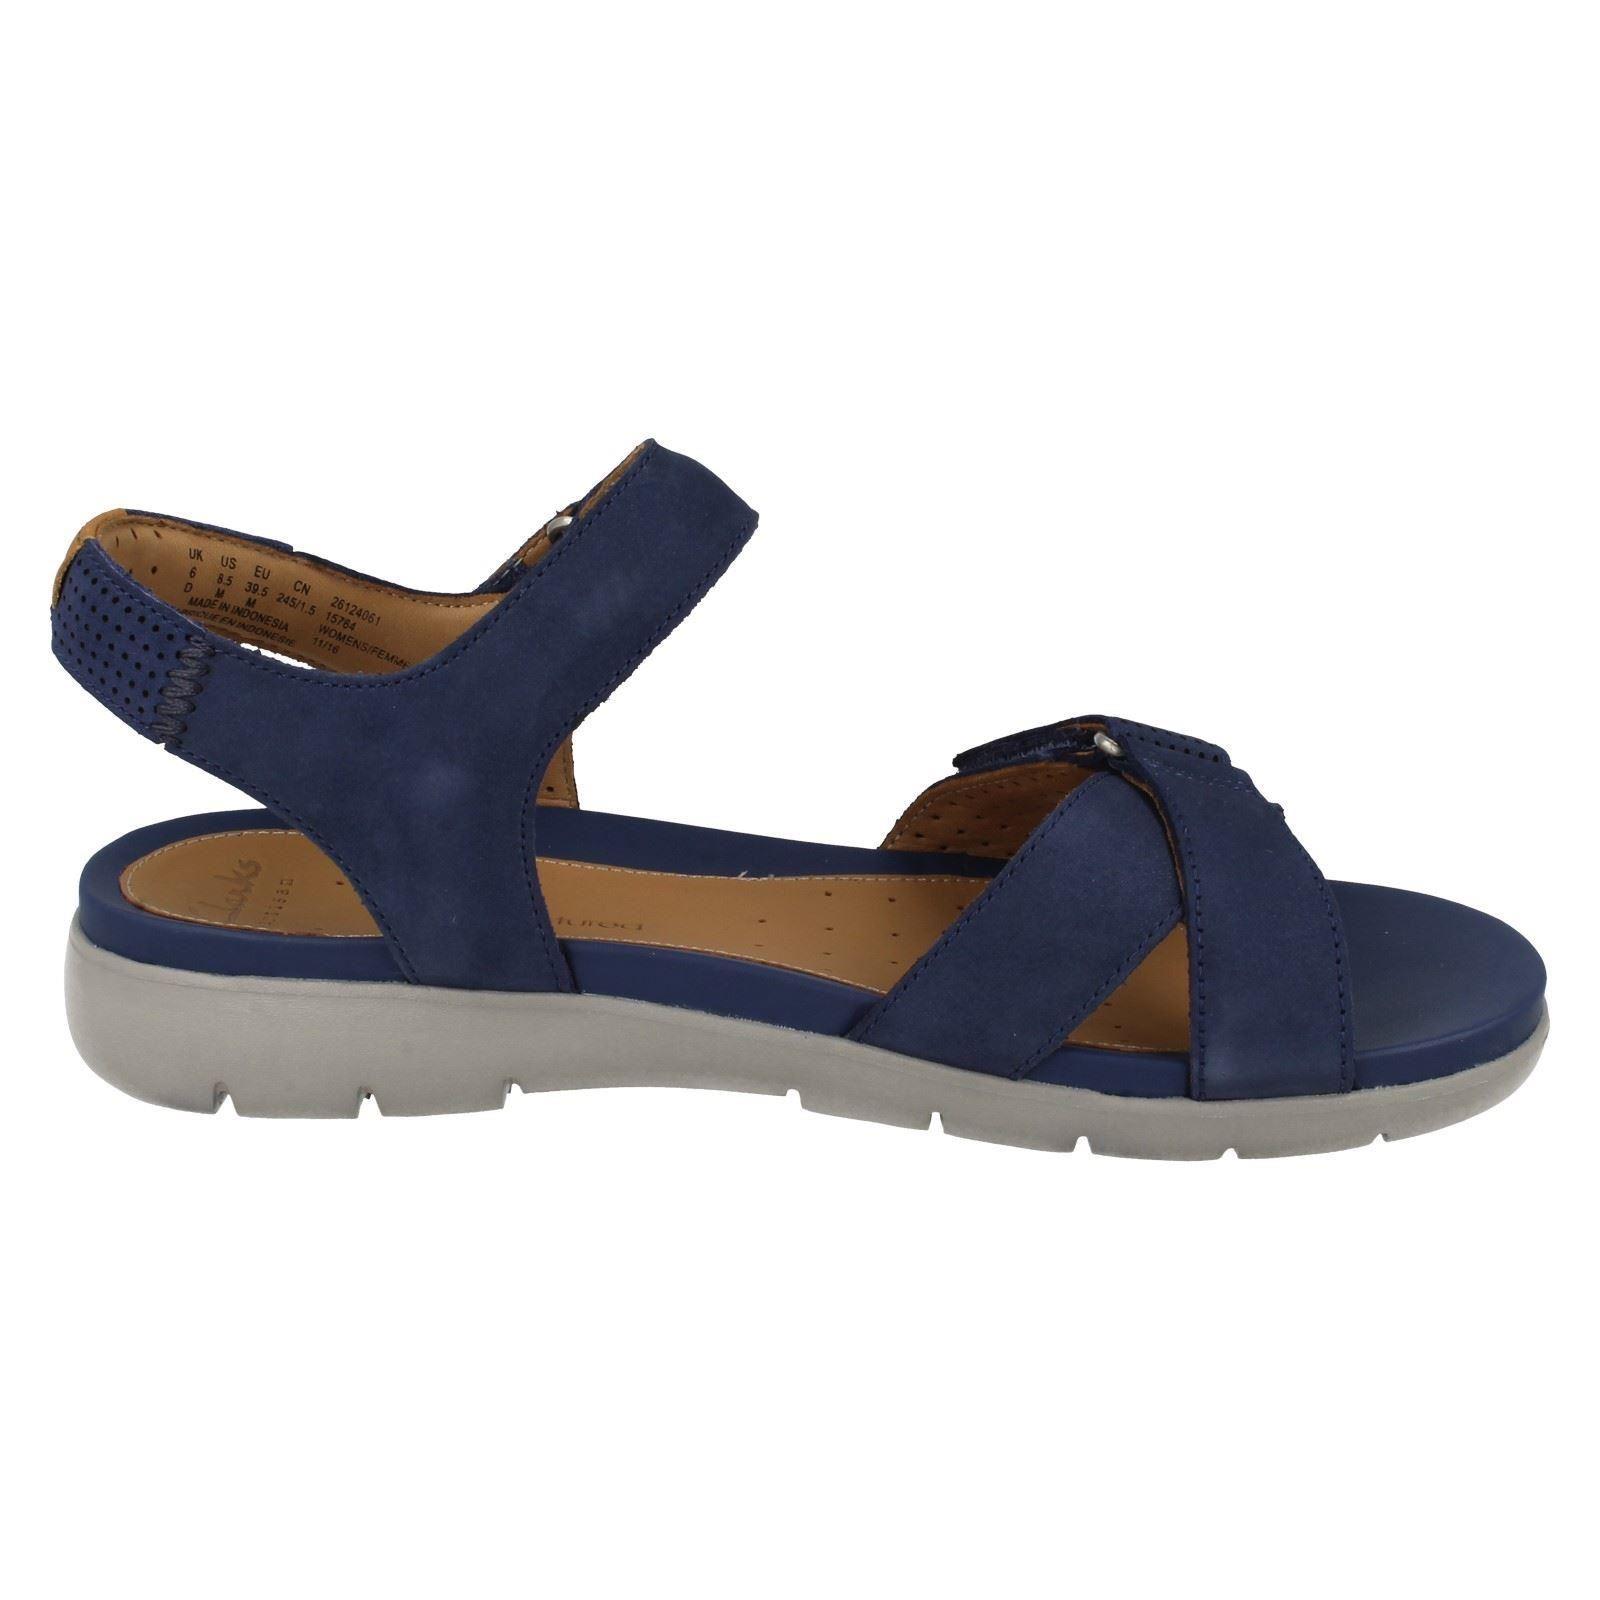 a45bc2ac7d74 Ladies-Clarks-Casual-Sandals-039-Un-Saffron-039 thumbnail